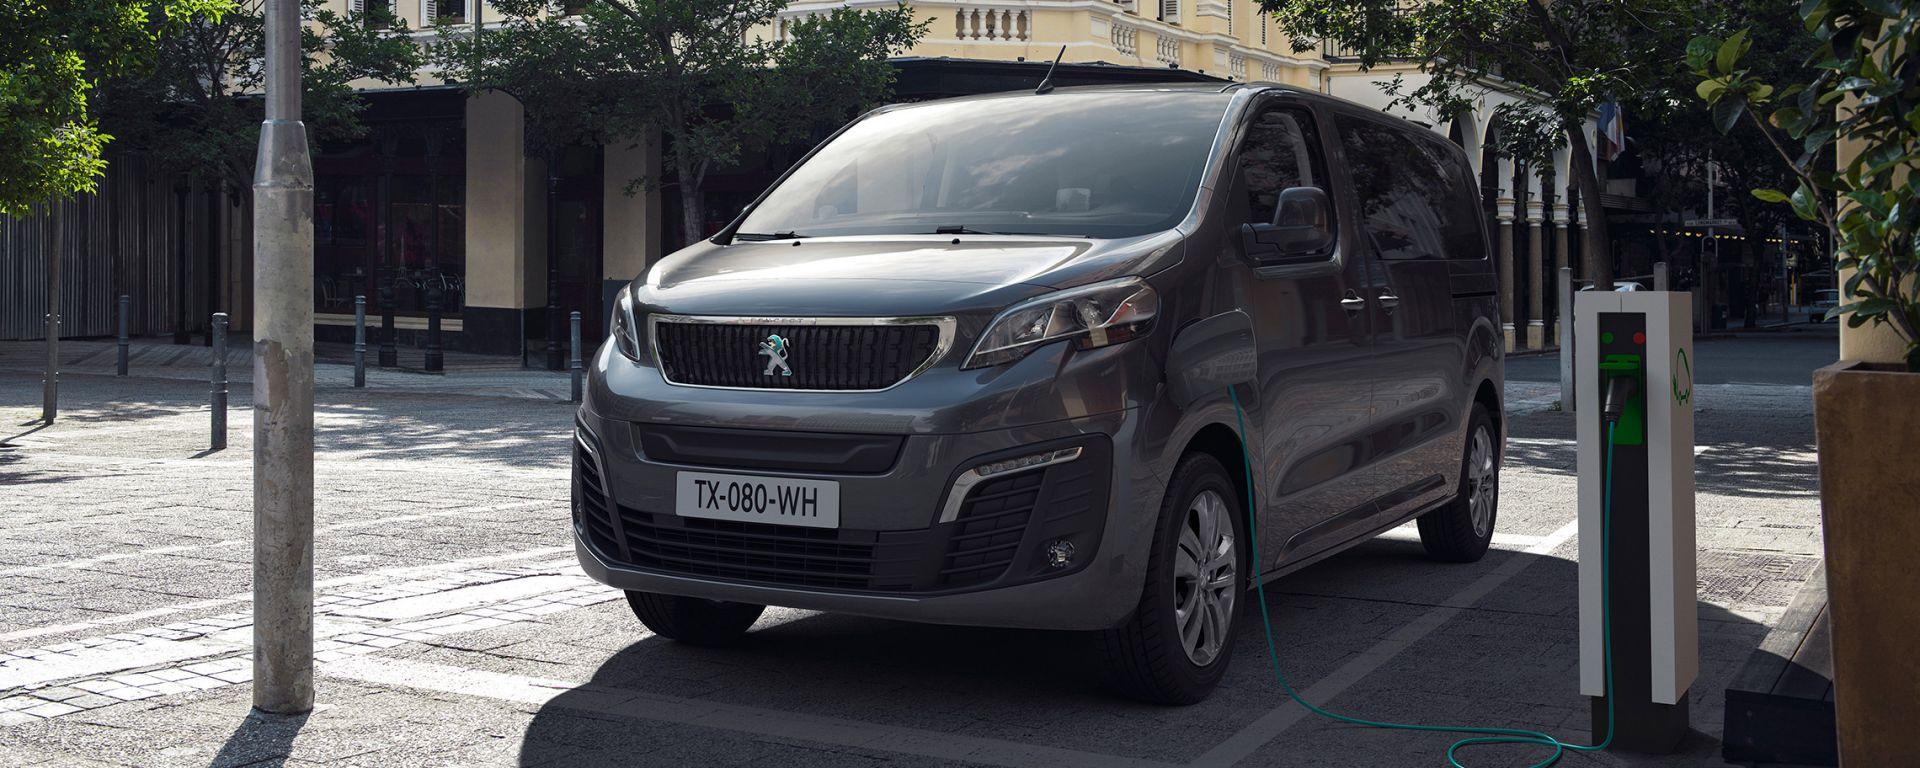 Peugeot e-Traveller: il nuovo furgone elettrico della casa francese